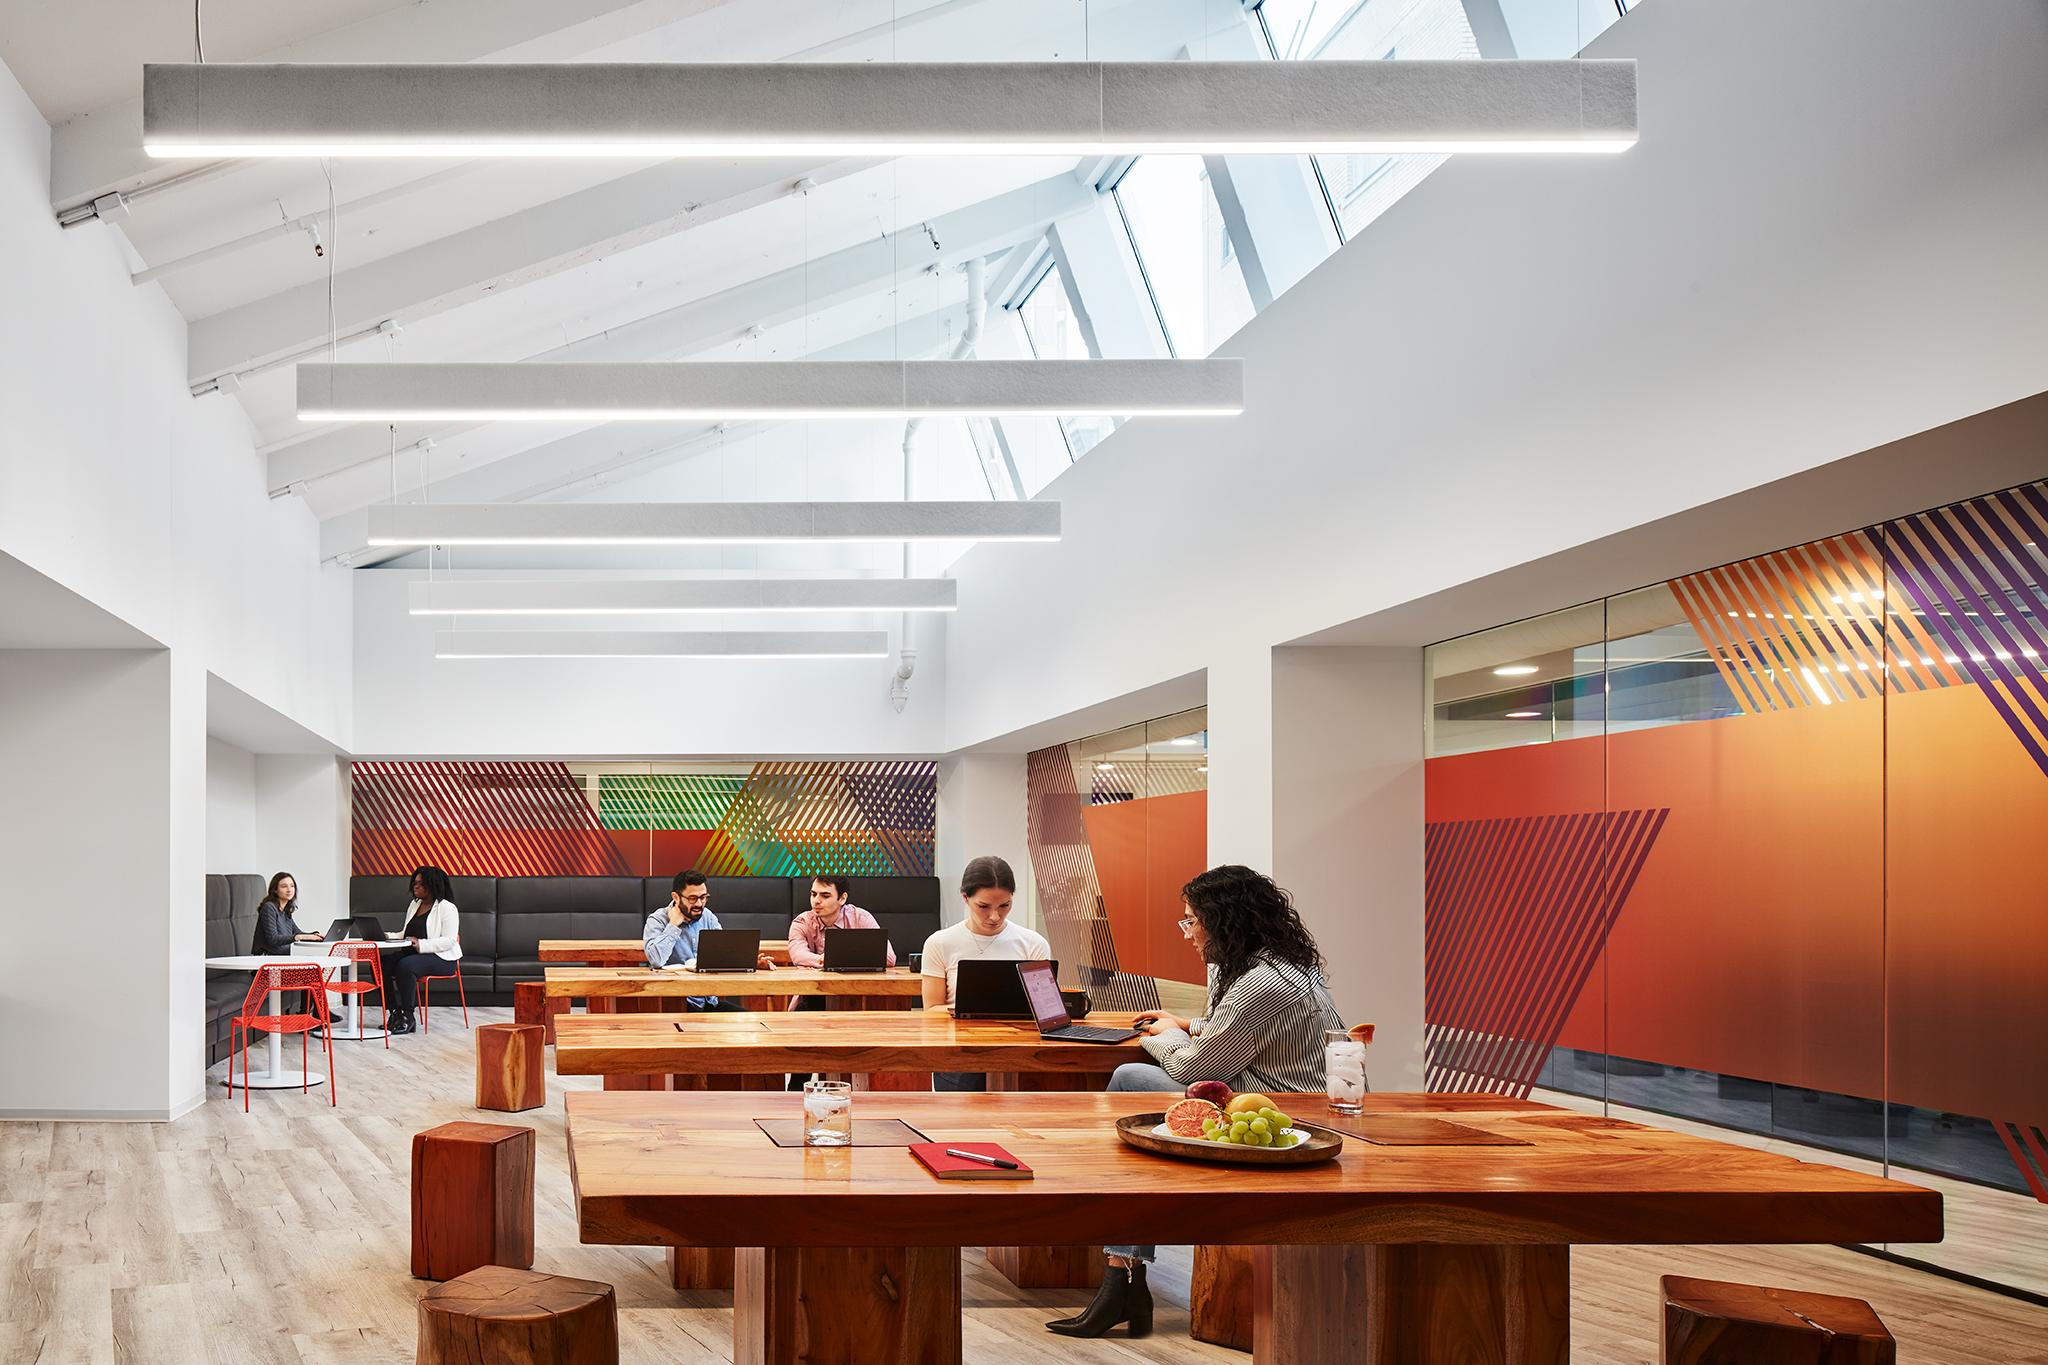 办公空间设计有哪些元素?